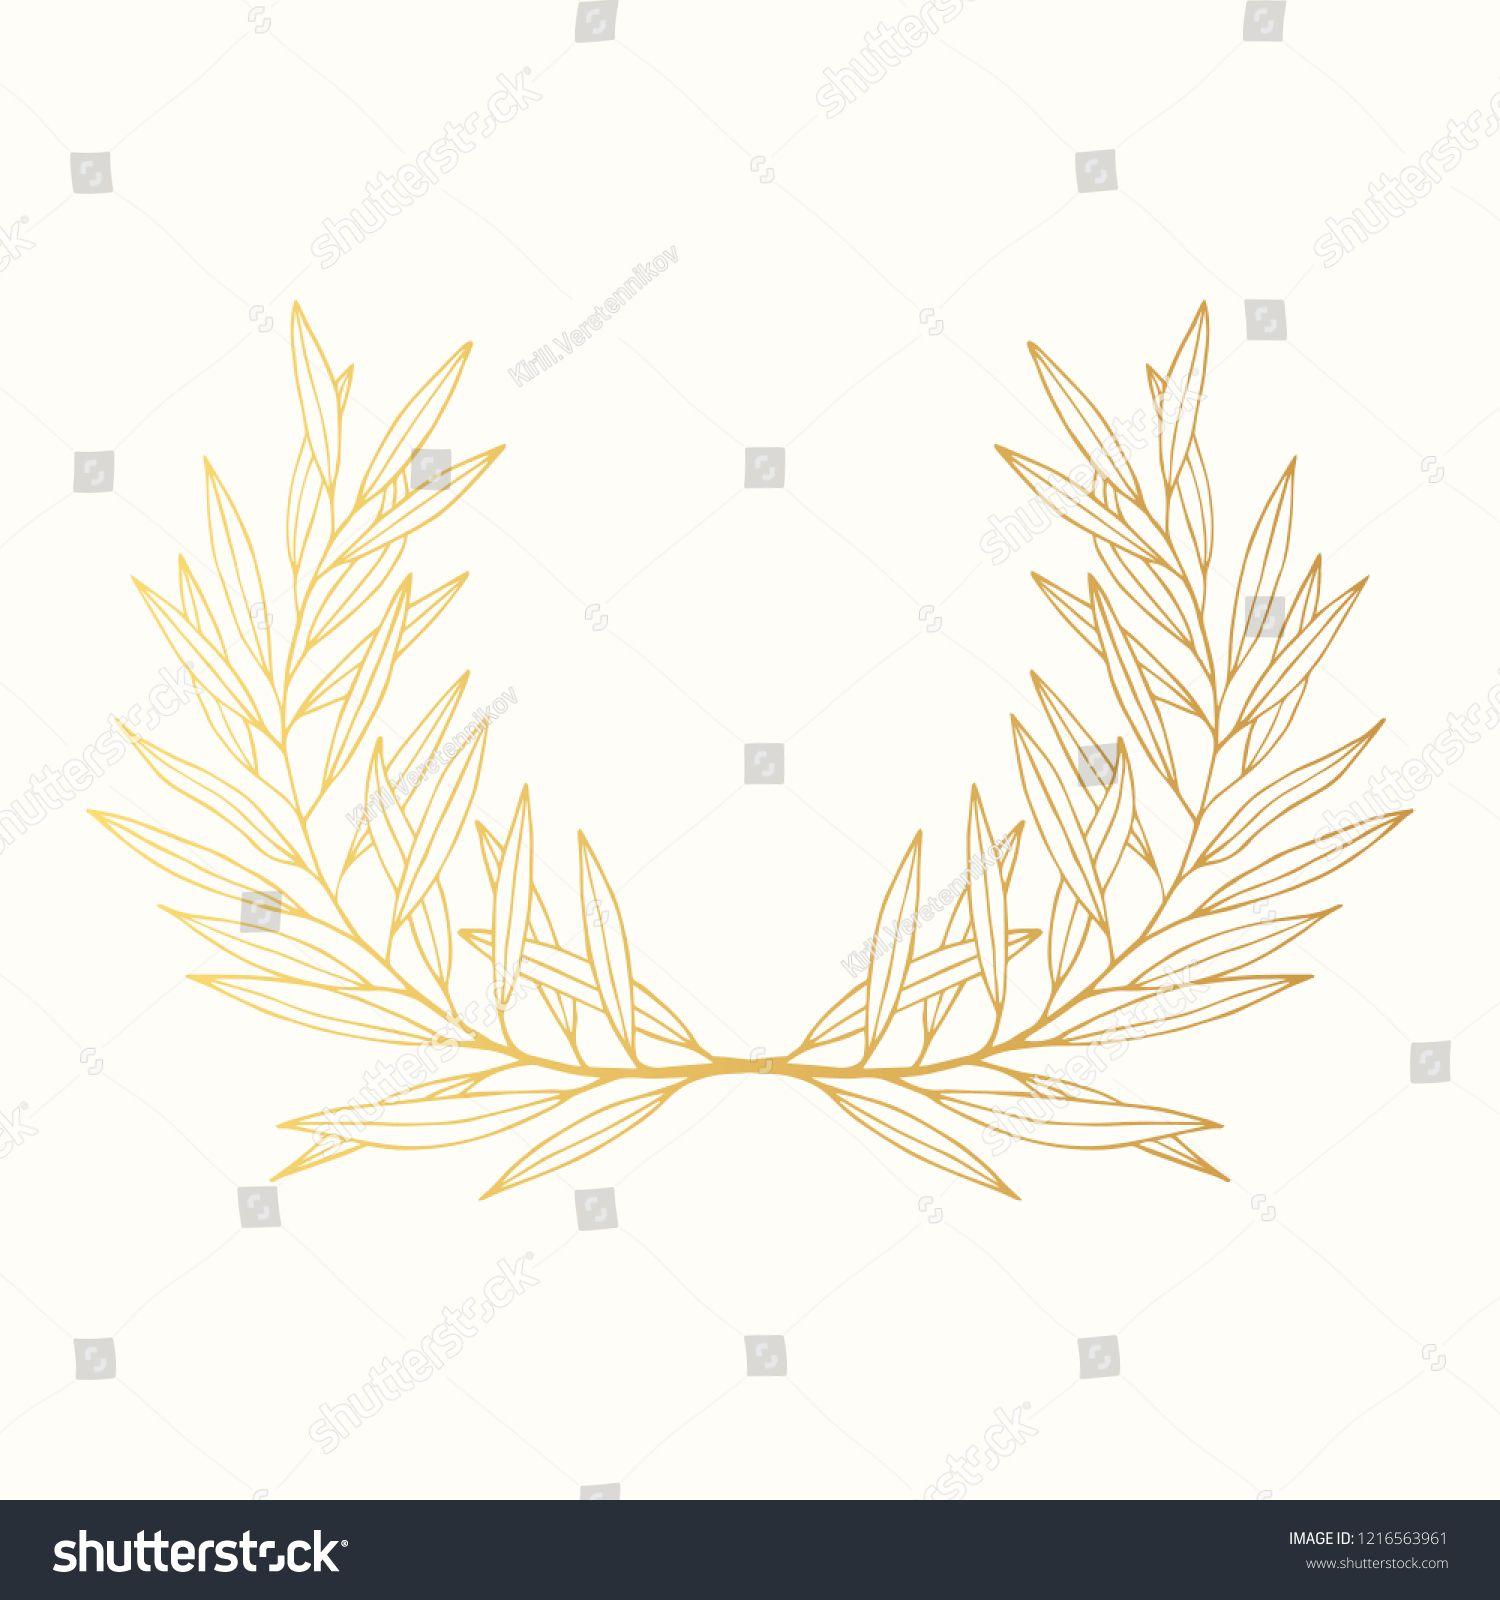 Golden Award Olive Laurel Wreath Royal Winner Greek Olive Branch Gold Crown Vector Isolated Illustration Wreat Gold Olive Branch Laurel Wreath Golden Awards